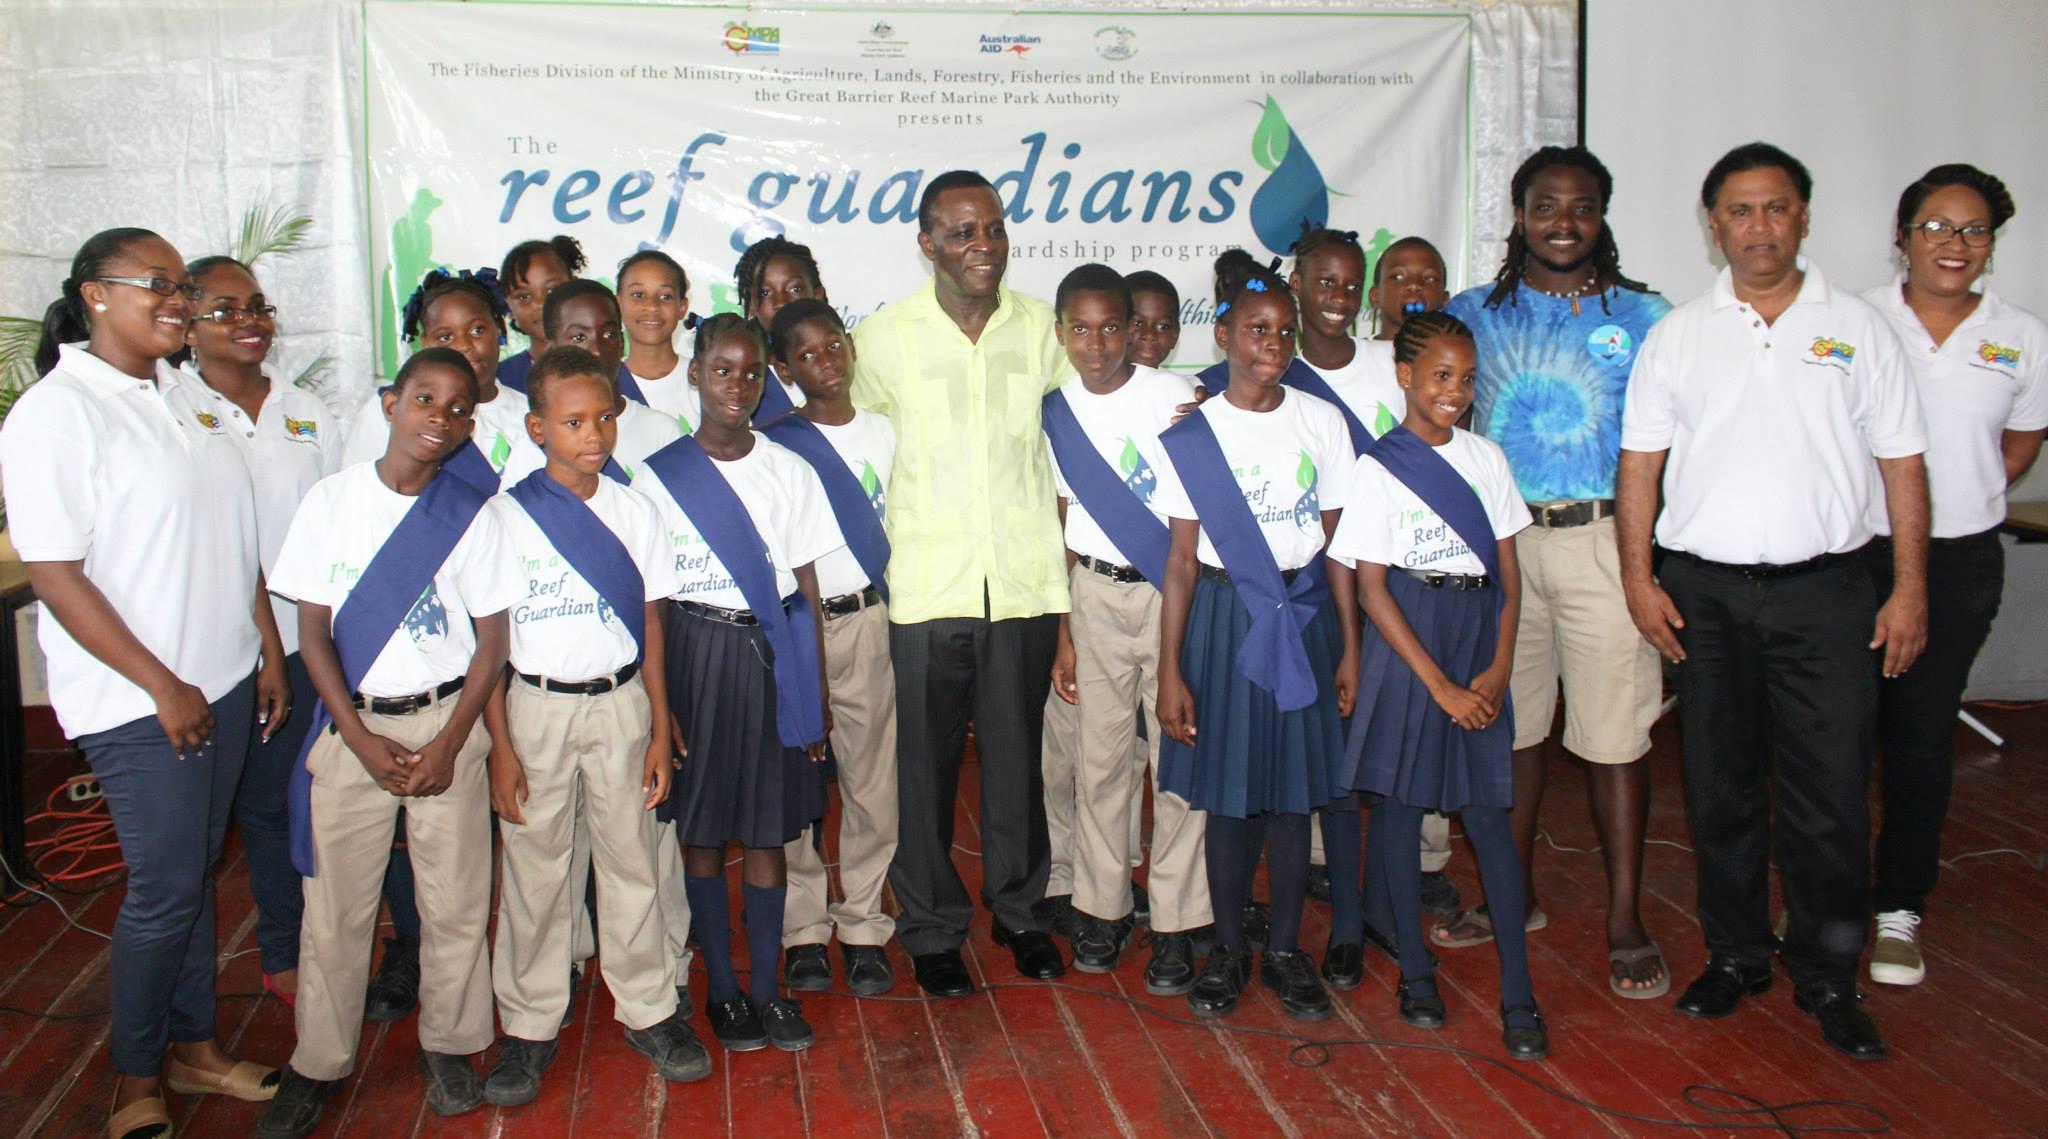 Launch of Reef Guardians Program in Grenada.